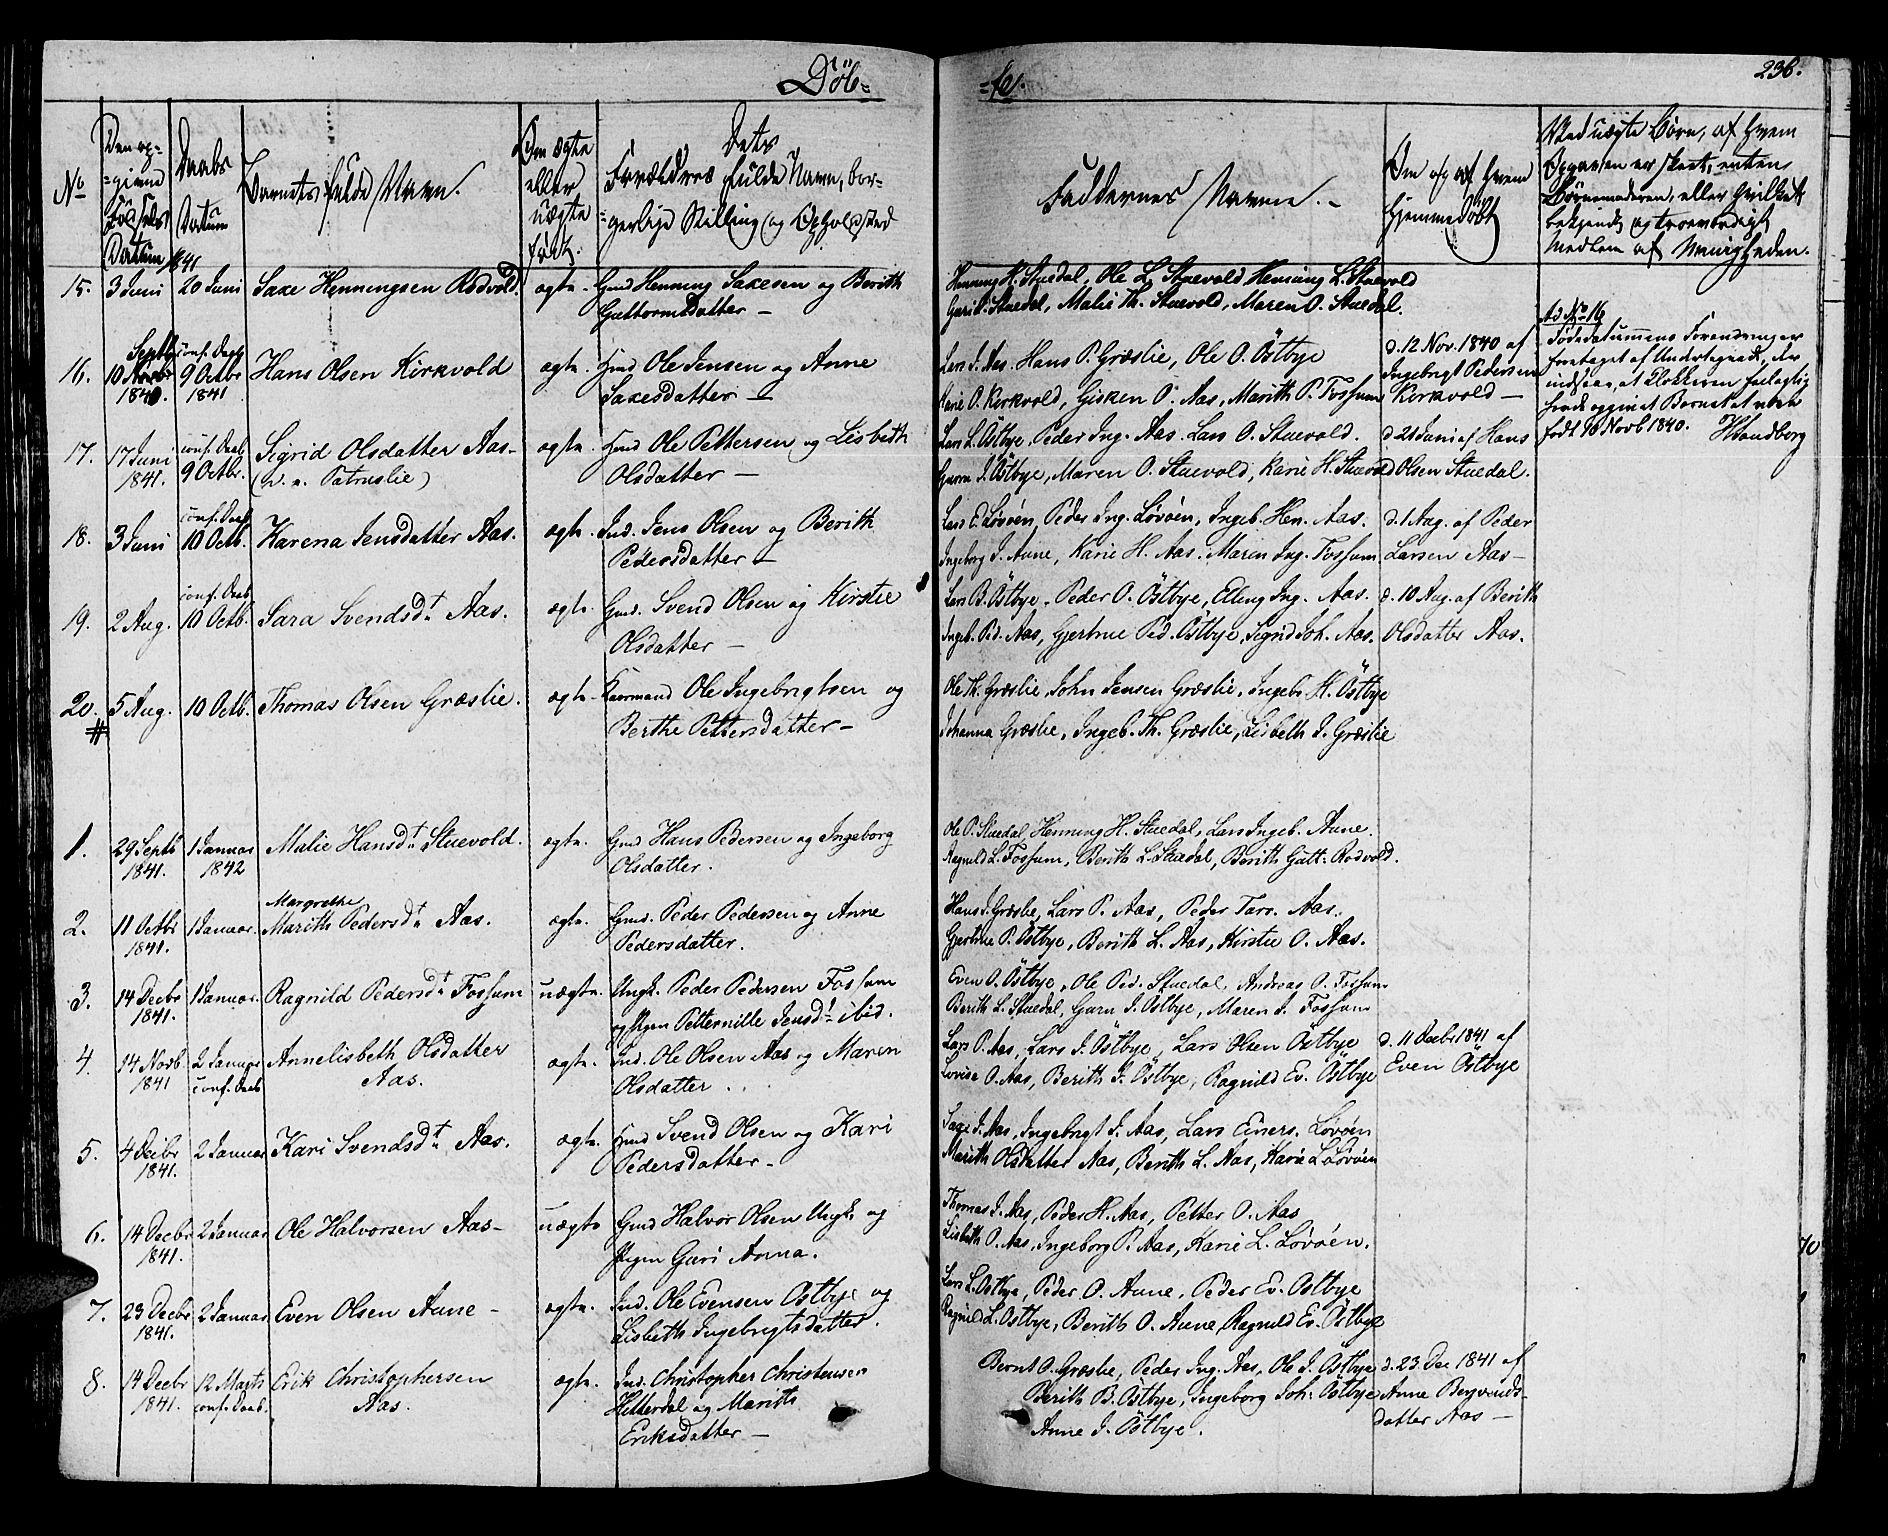 SAT, Ministerialprotokoller, klokkerbøker og fødselsregistre - Sør-Trøndelag, 695/L1144: Ministerialbok nr. 695A05 /2, 1824-1842, s. 236